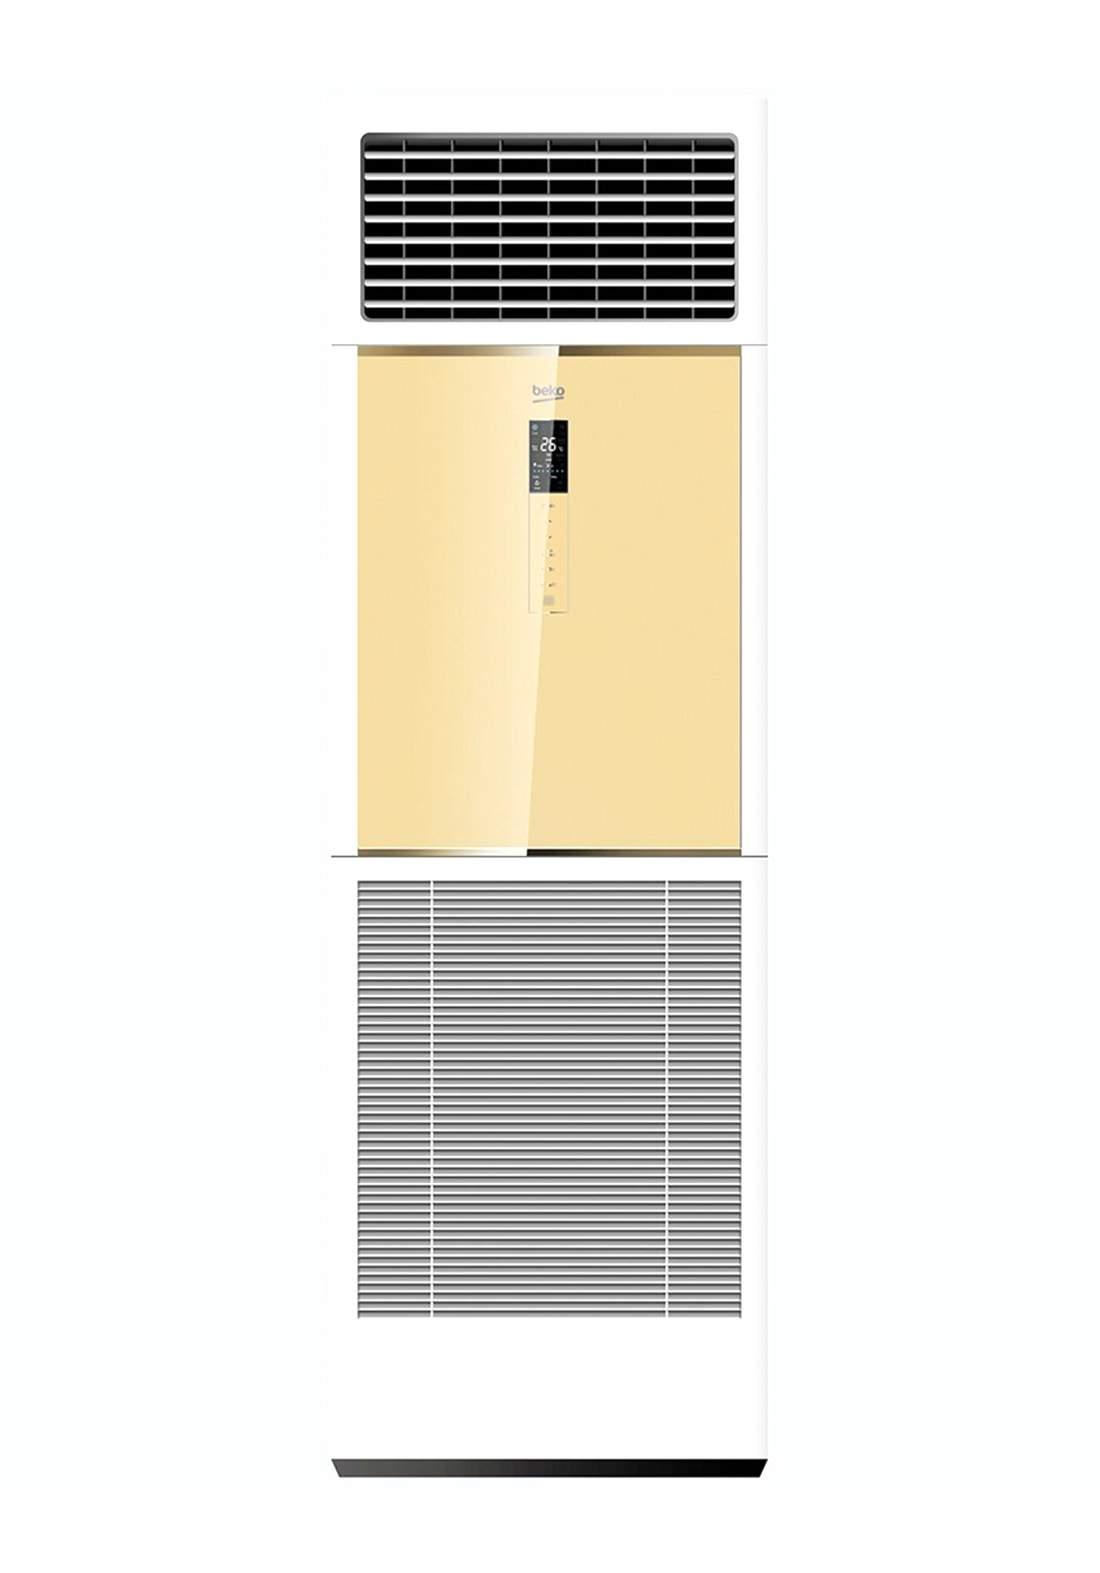 Beko BFYG240-241 - 2 Ton - Floor Standing Split - Gold سبلت